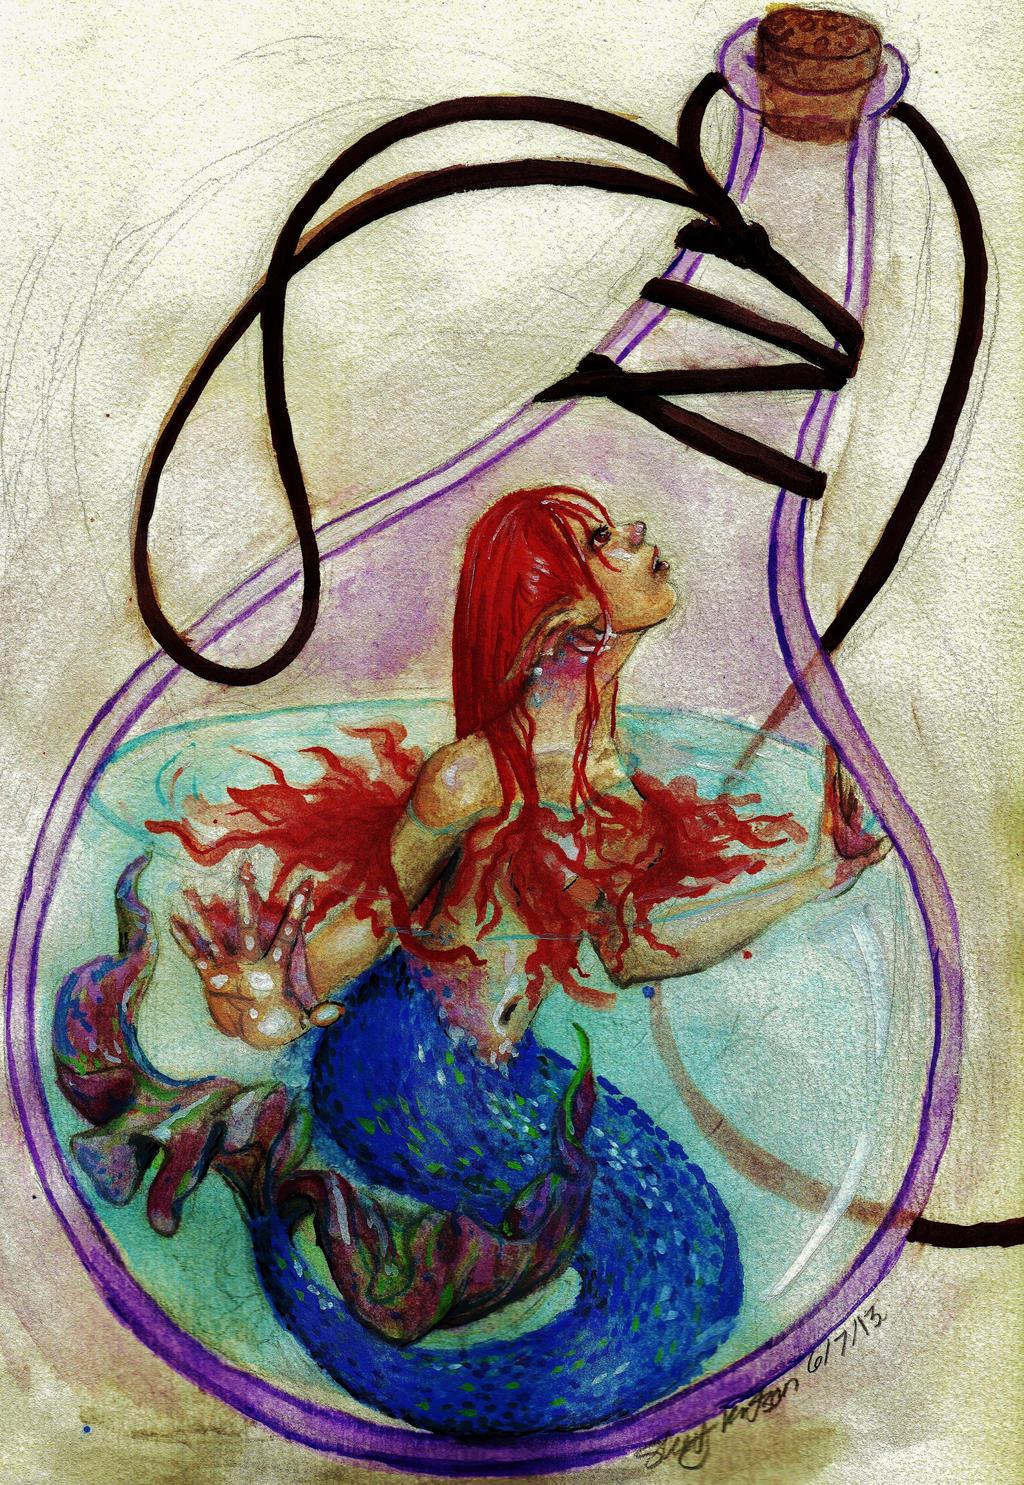 Mermaid in a bottle by Shawshay7054 on DeviantArt Webbed Hands